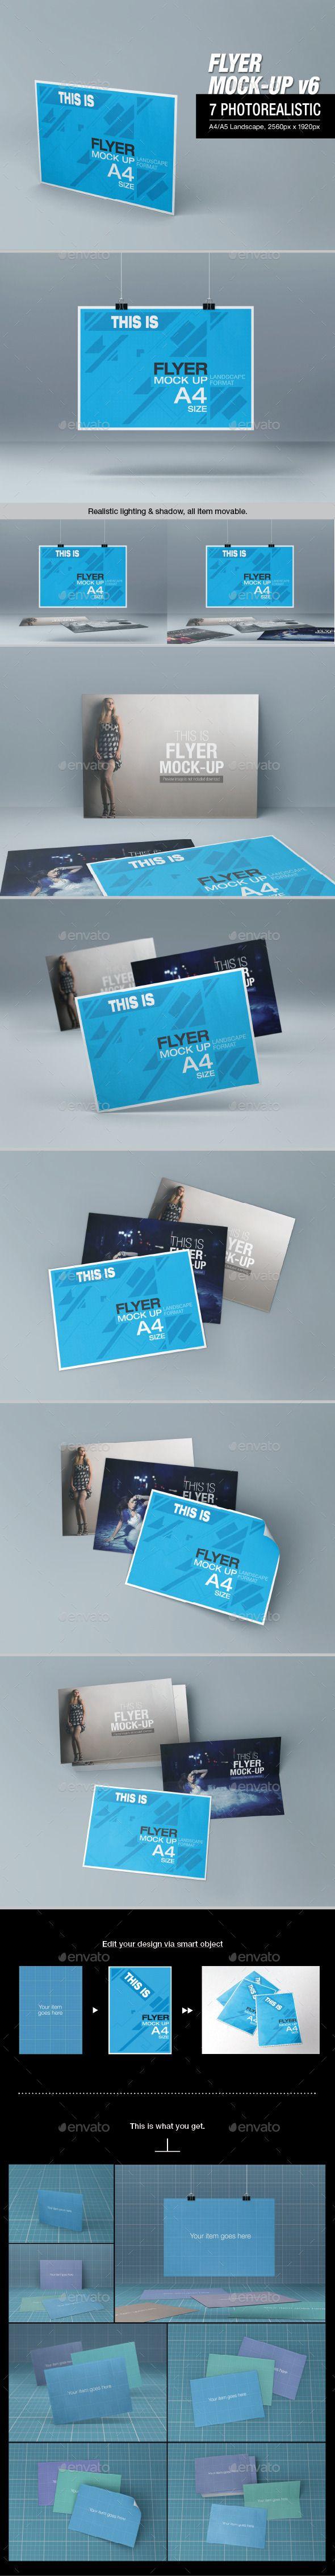 Flyer Mock-up | Imagen Corporativa | Pinterest | Inspiración